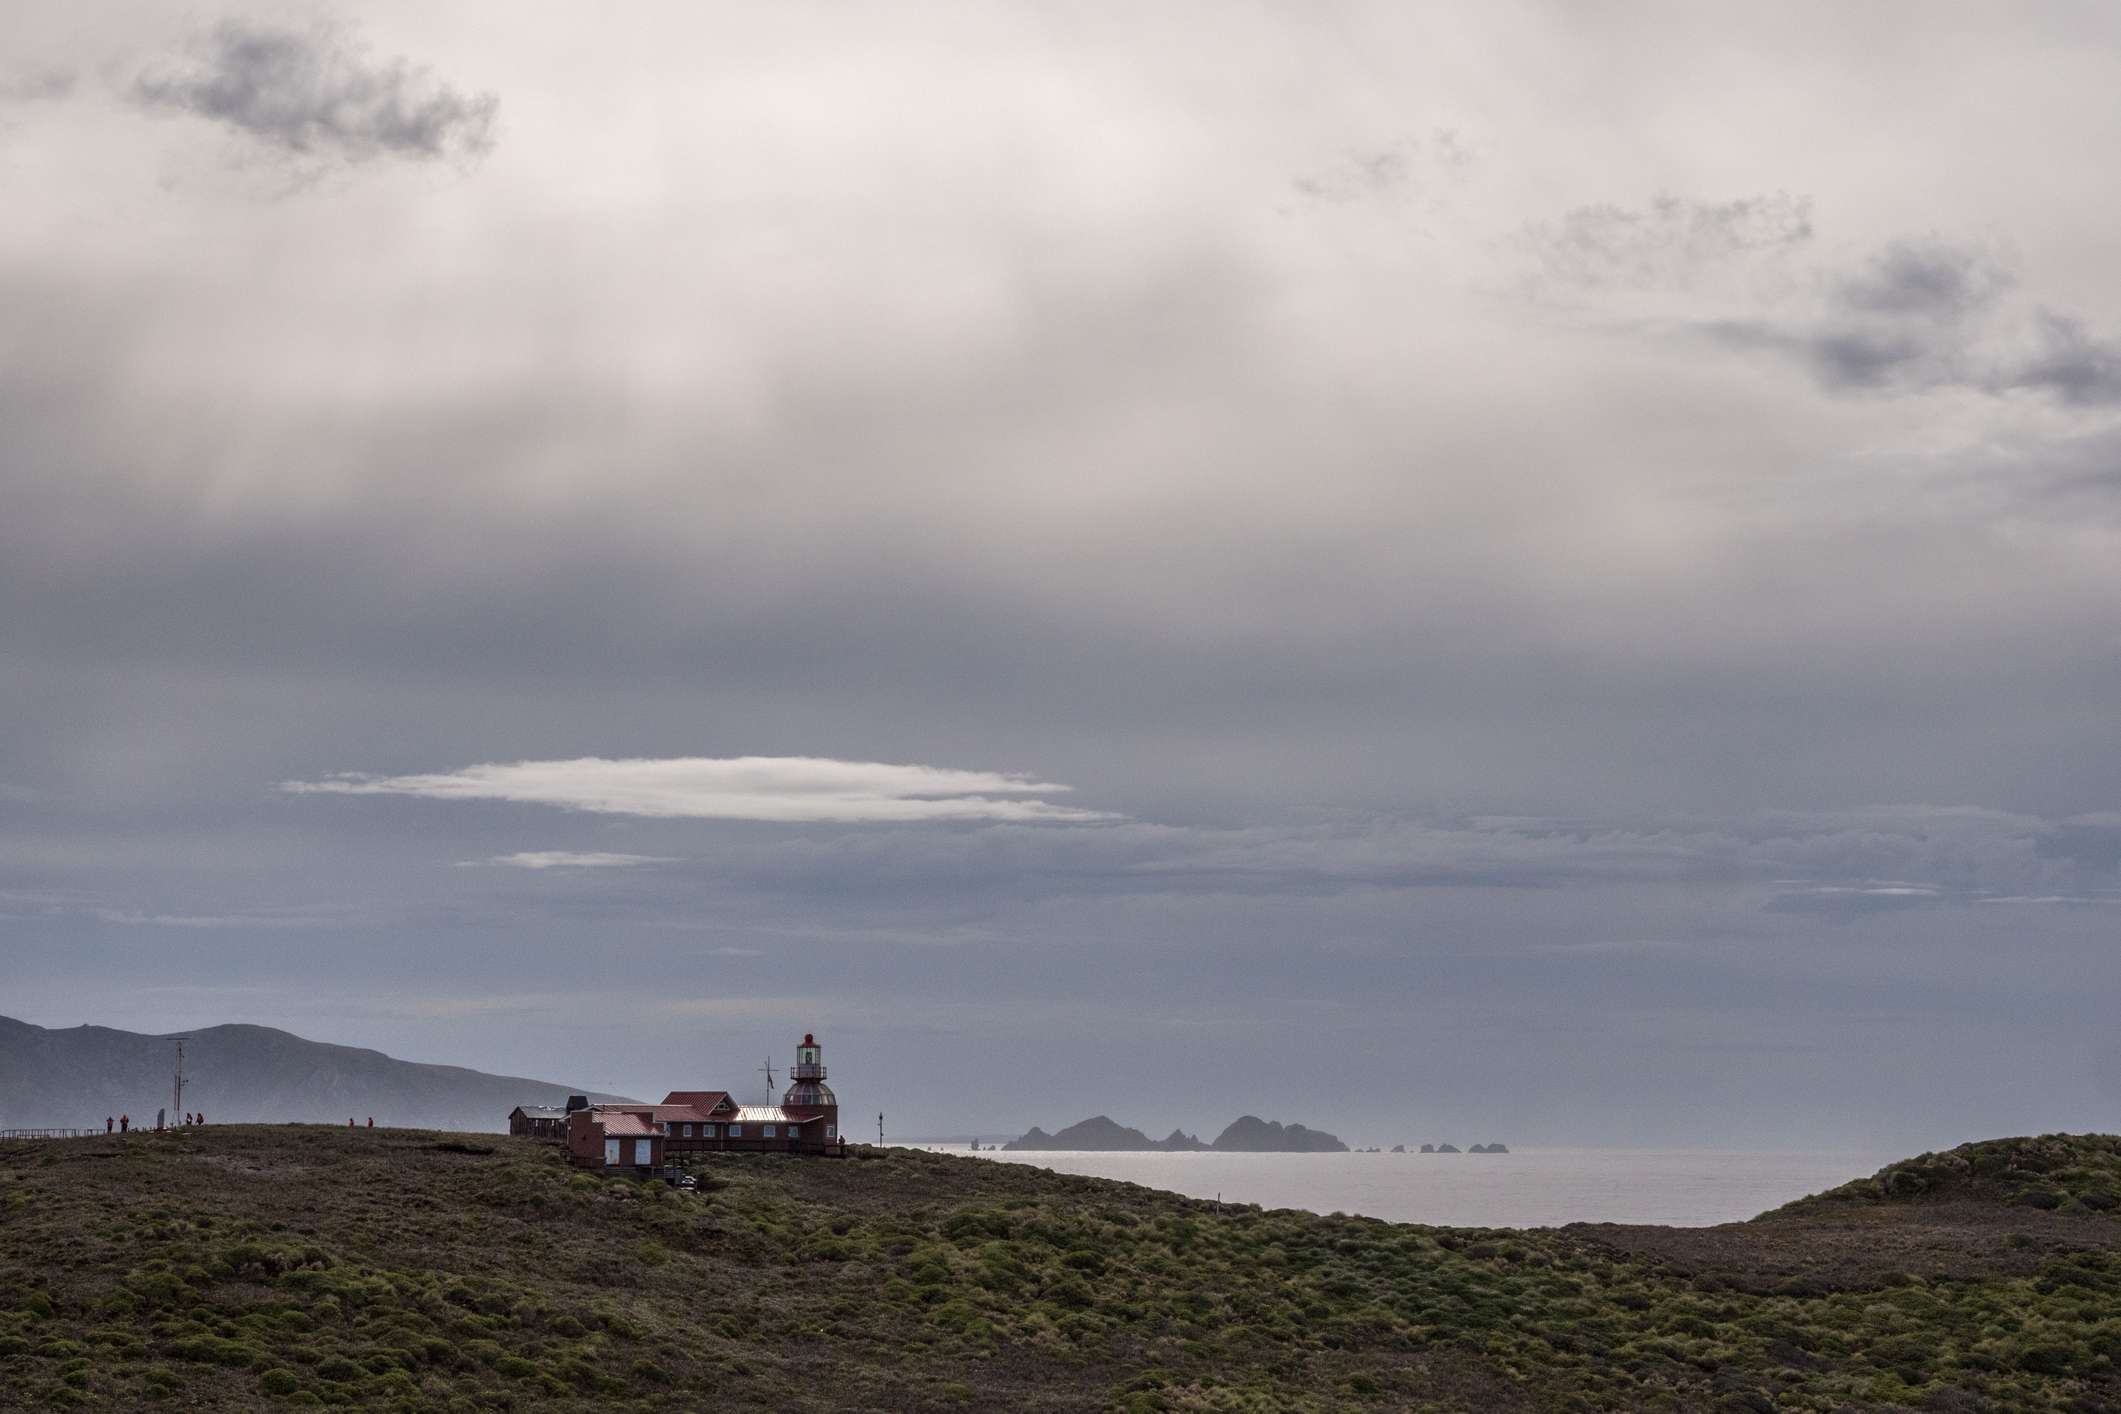 Lighthouse on Cape Horn